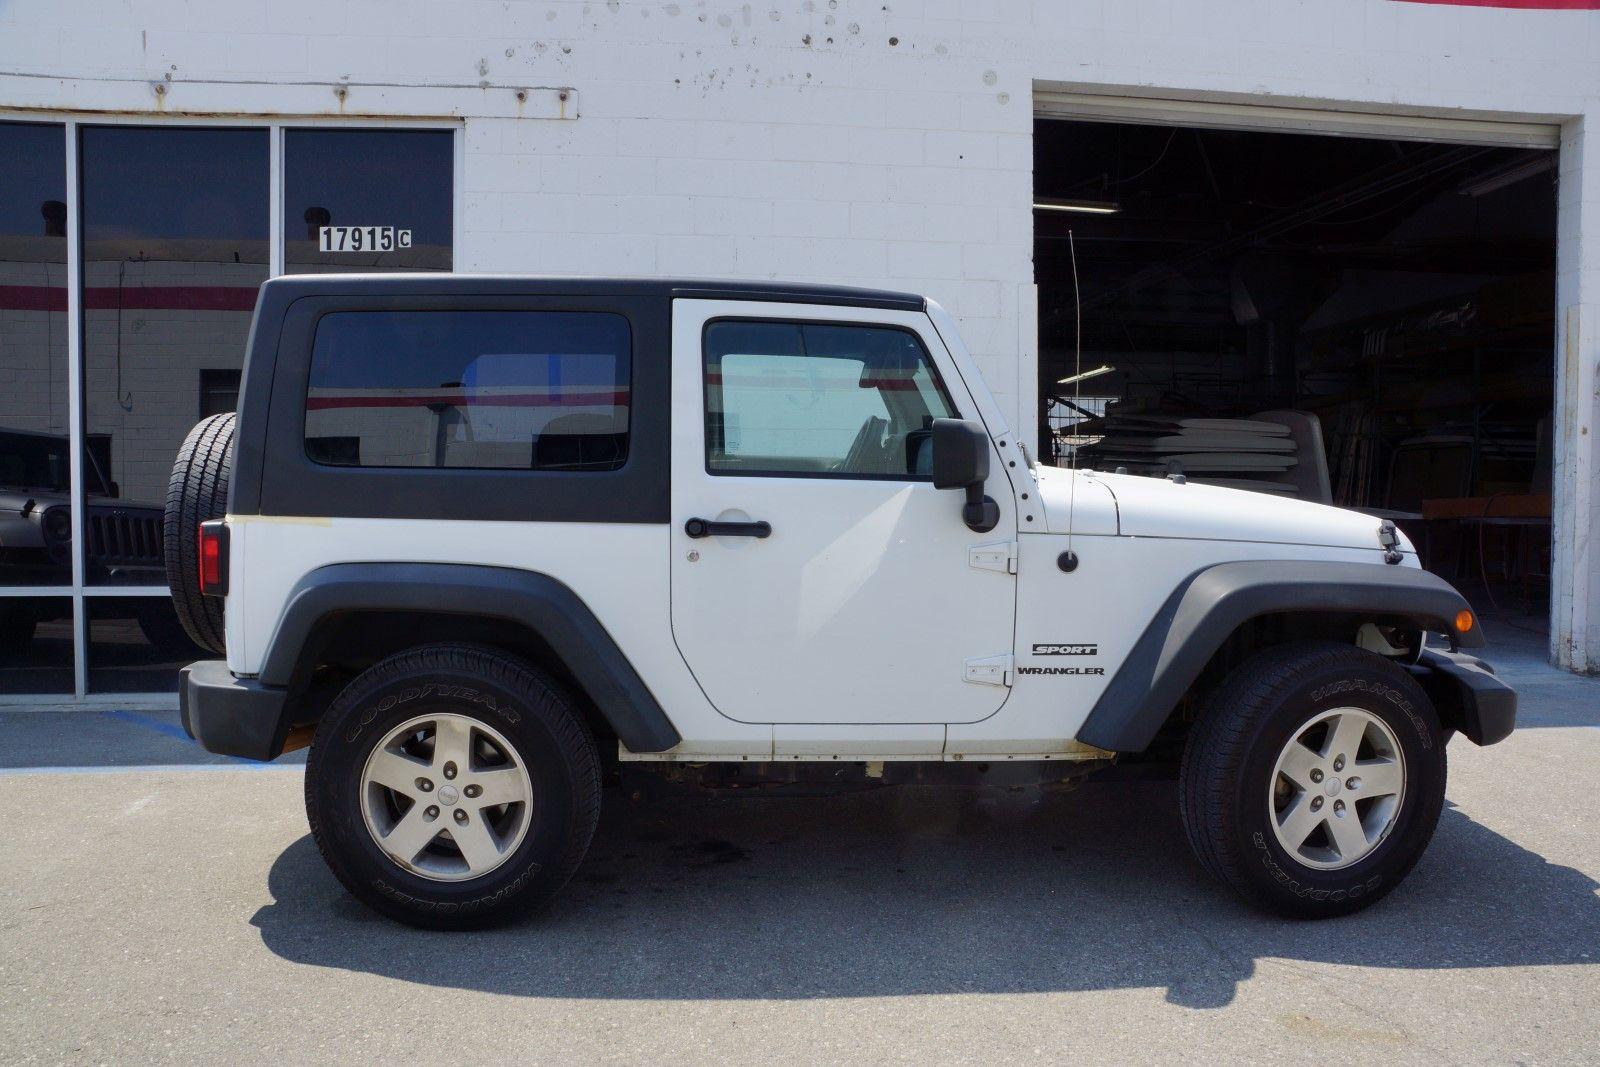 1Piece Removable Hardtop for Jeep Wrangler JK 2Door